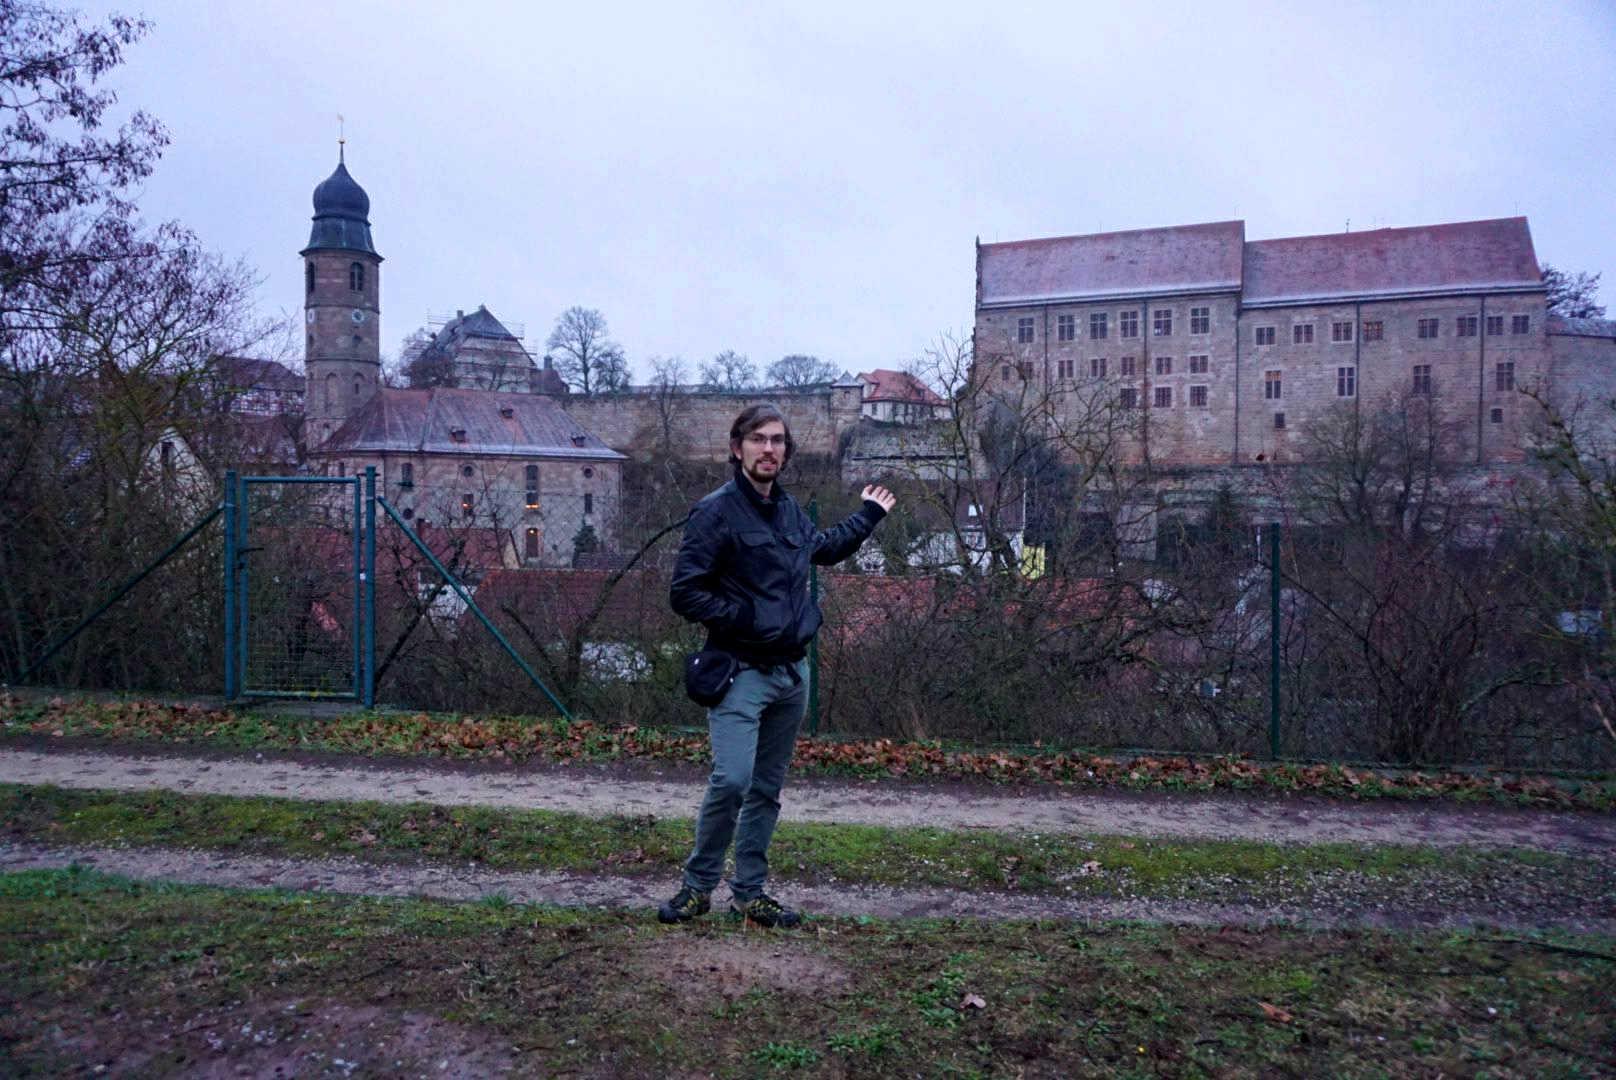 mittelalterliches Cadolzburg